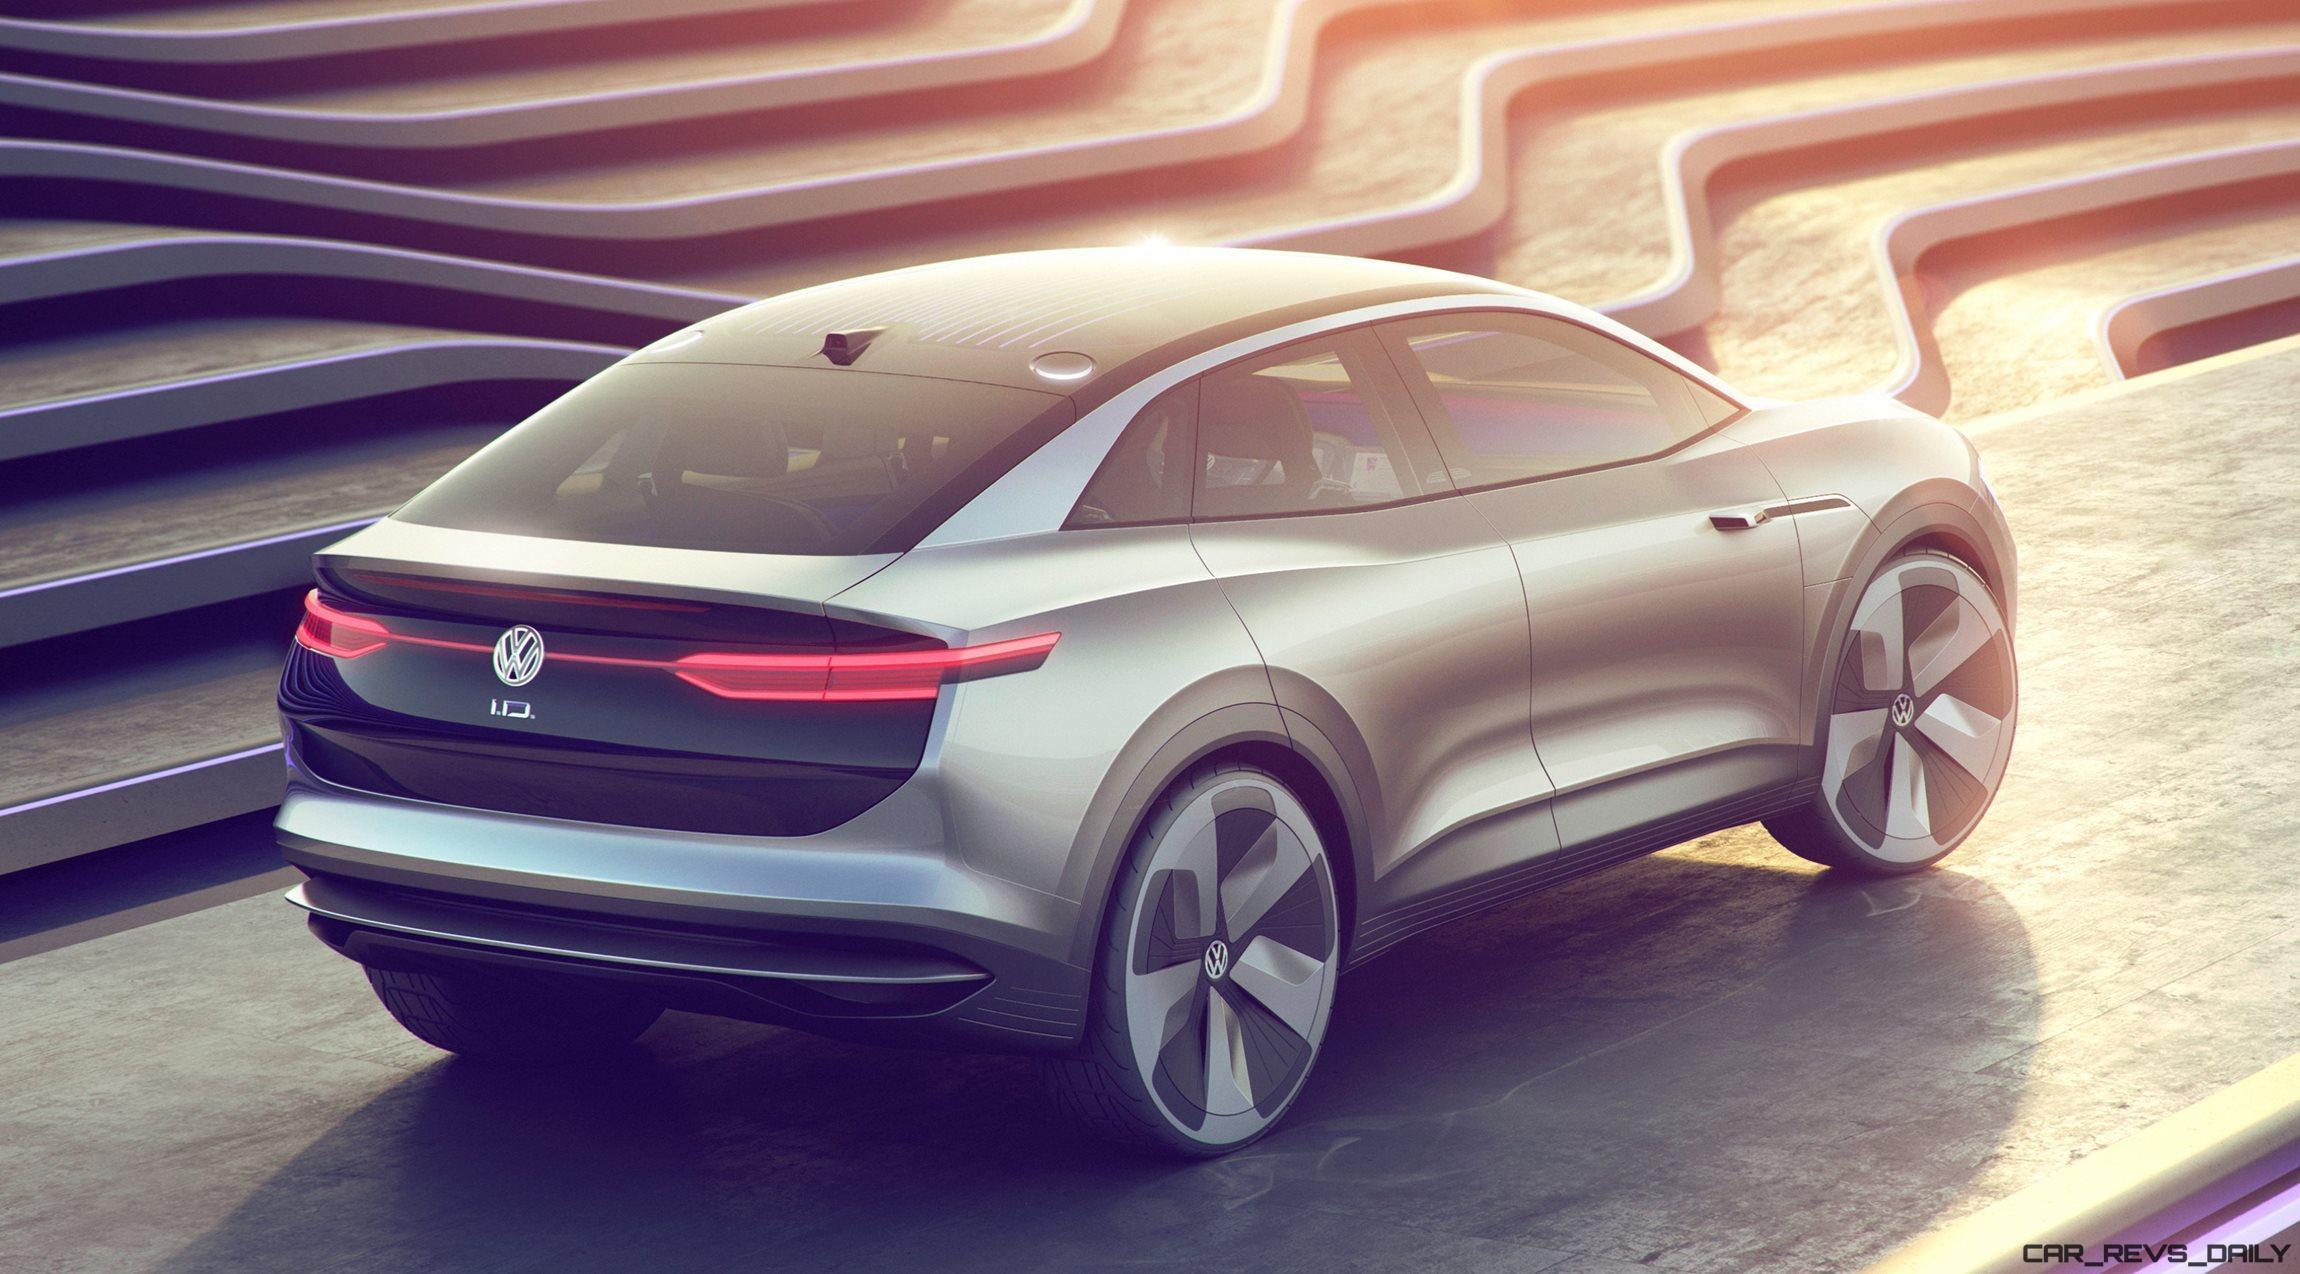 2017 Vw Id Crozz Concept Goofy Preview Of Future E Suv